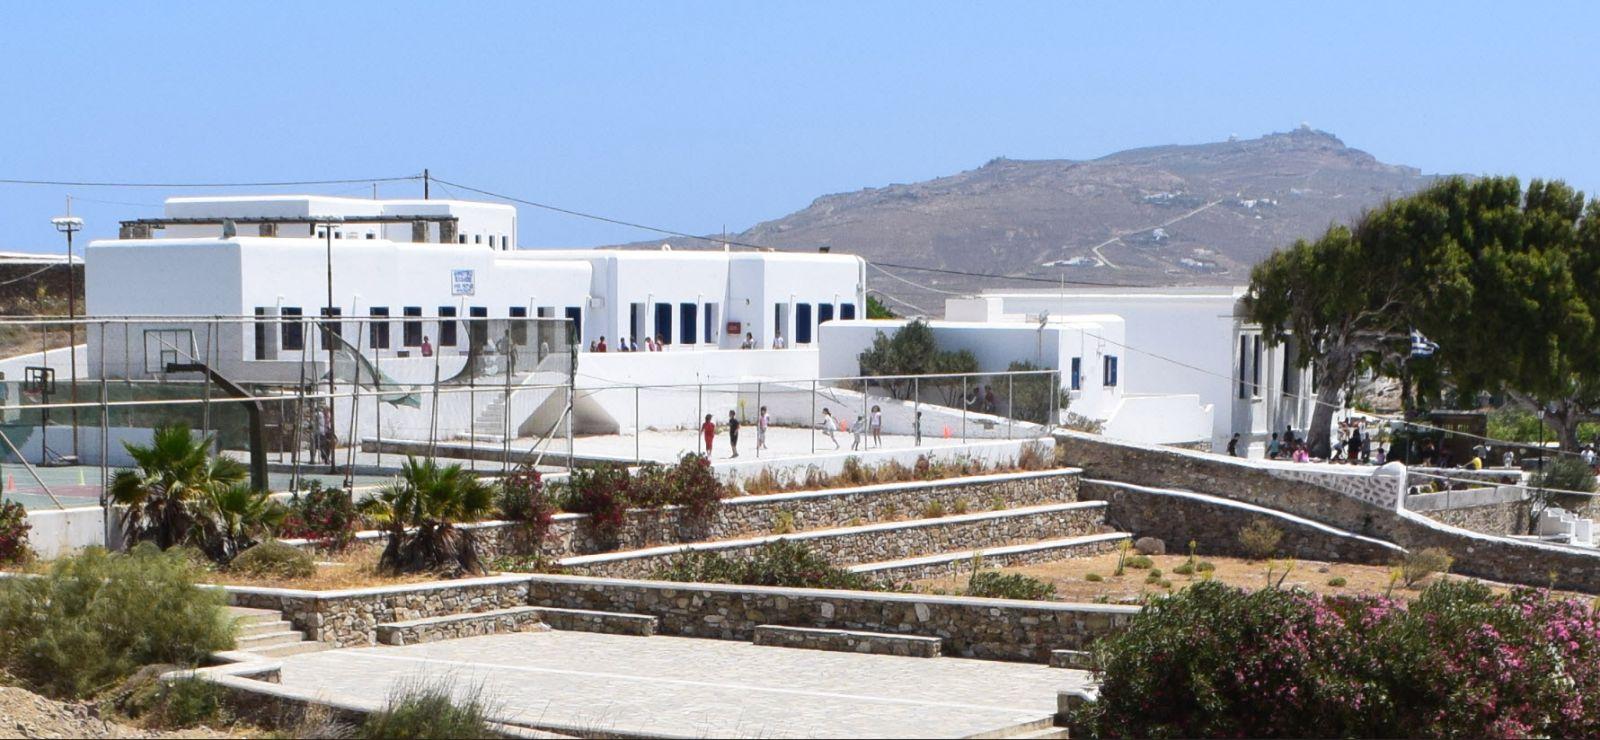 Εκτεταμένες απολυμάνσεις στα σχολεία από τον Δήμο Μυκόνου